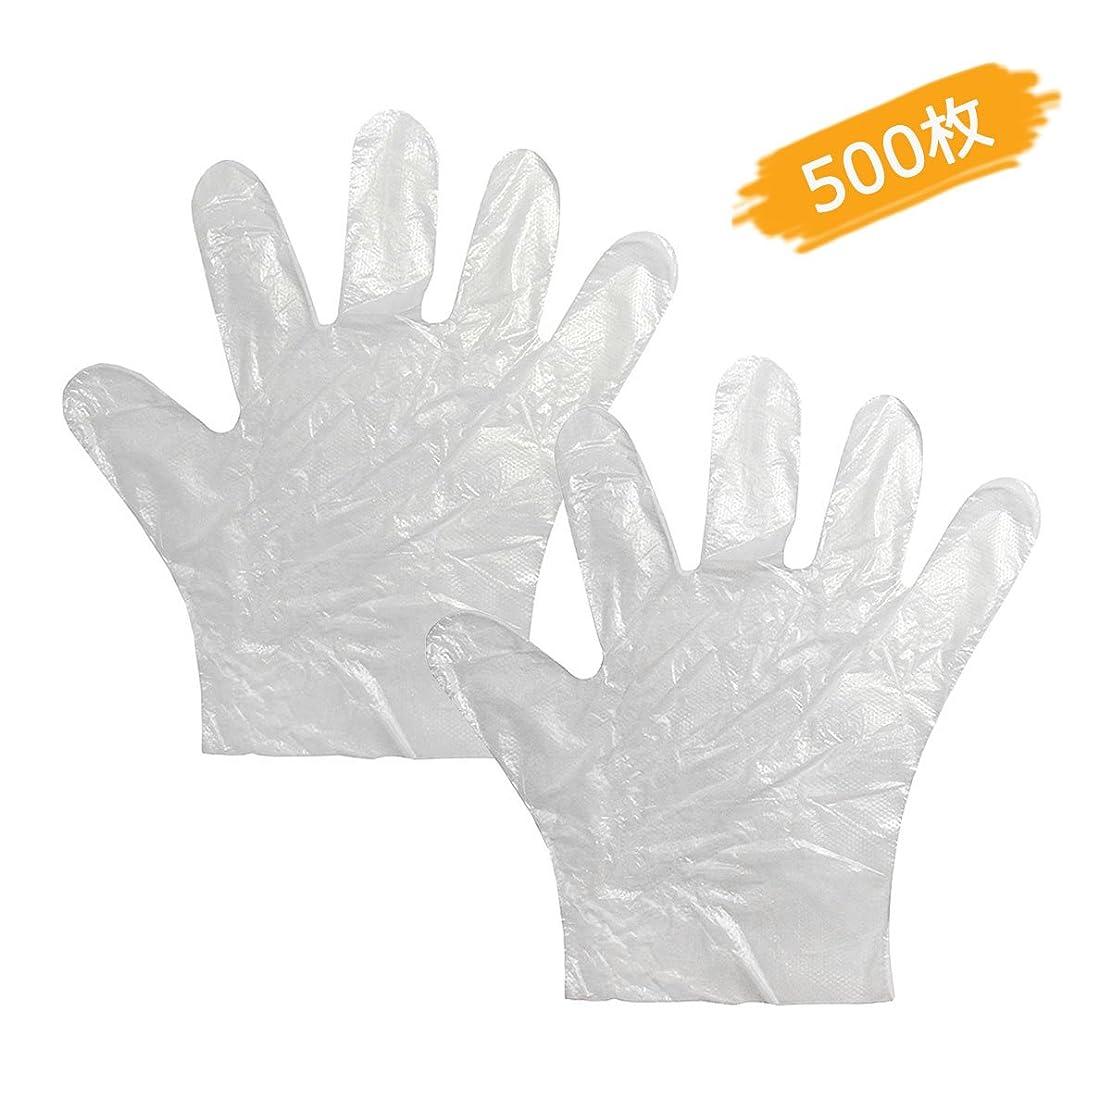 鮮やかなシェルター症状使い捨て手袋 極薄ビニール手袋 調理 透明 実用 衛生 500枚入